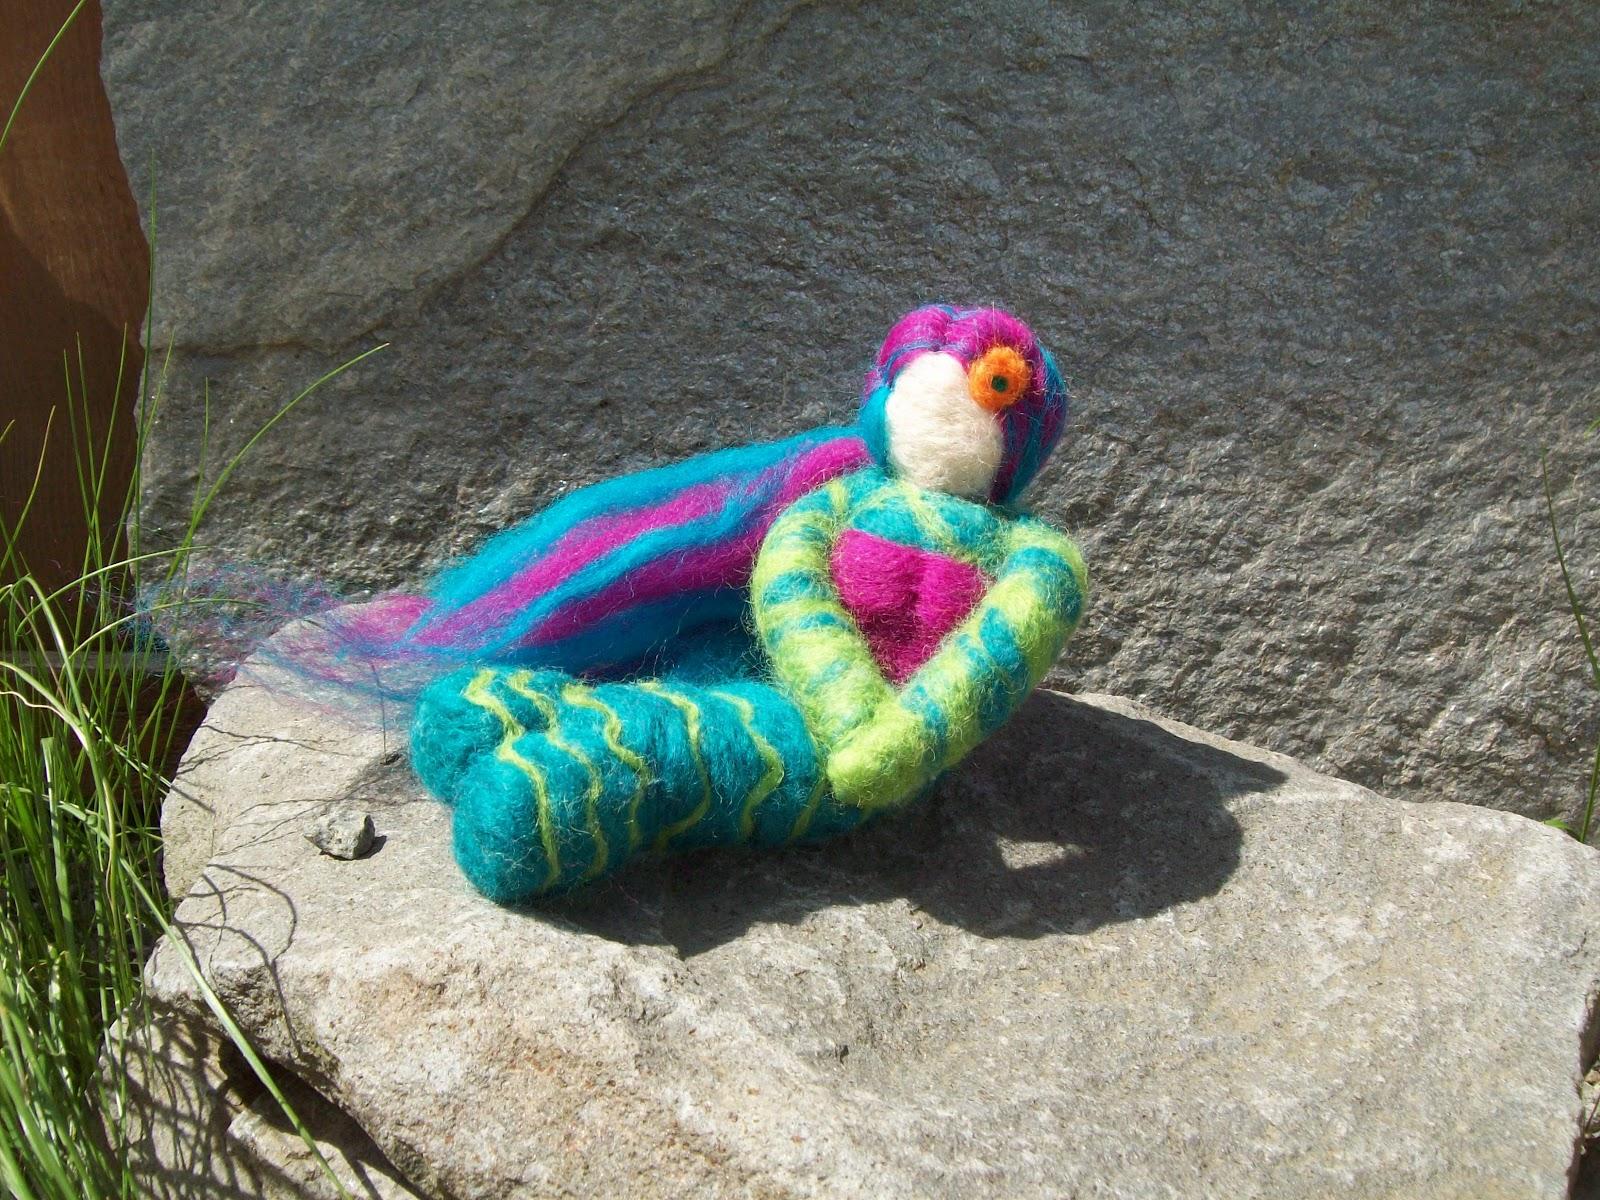 April's Homemaking: 52 Weeks of Fairy Tales Week #18- The